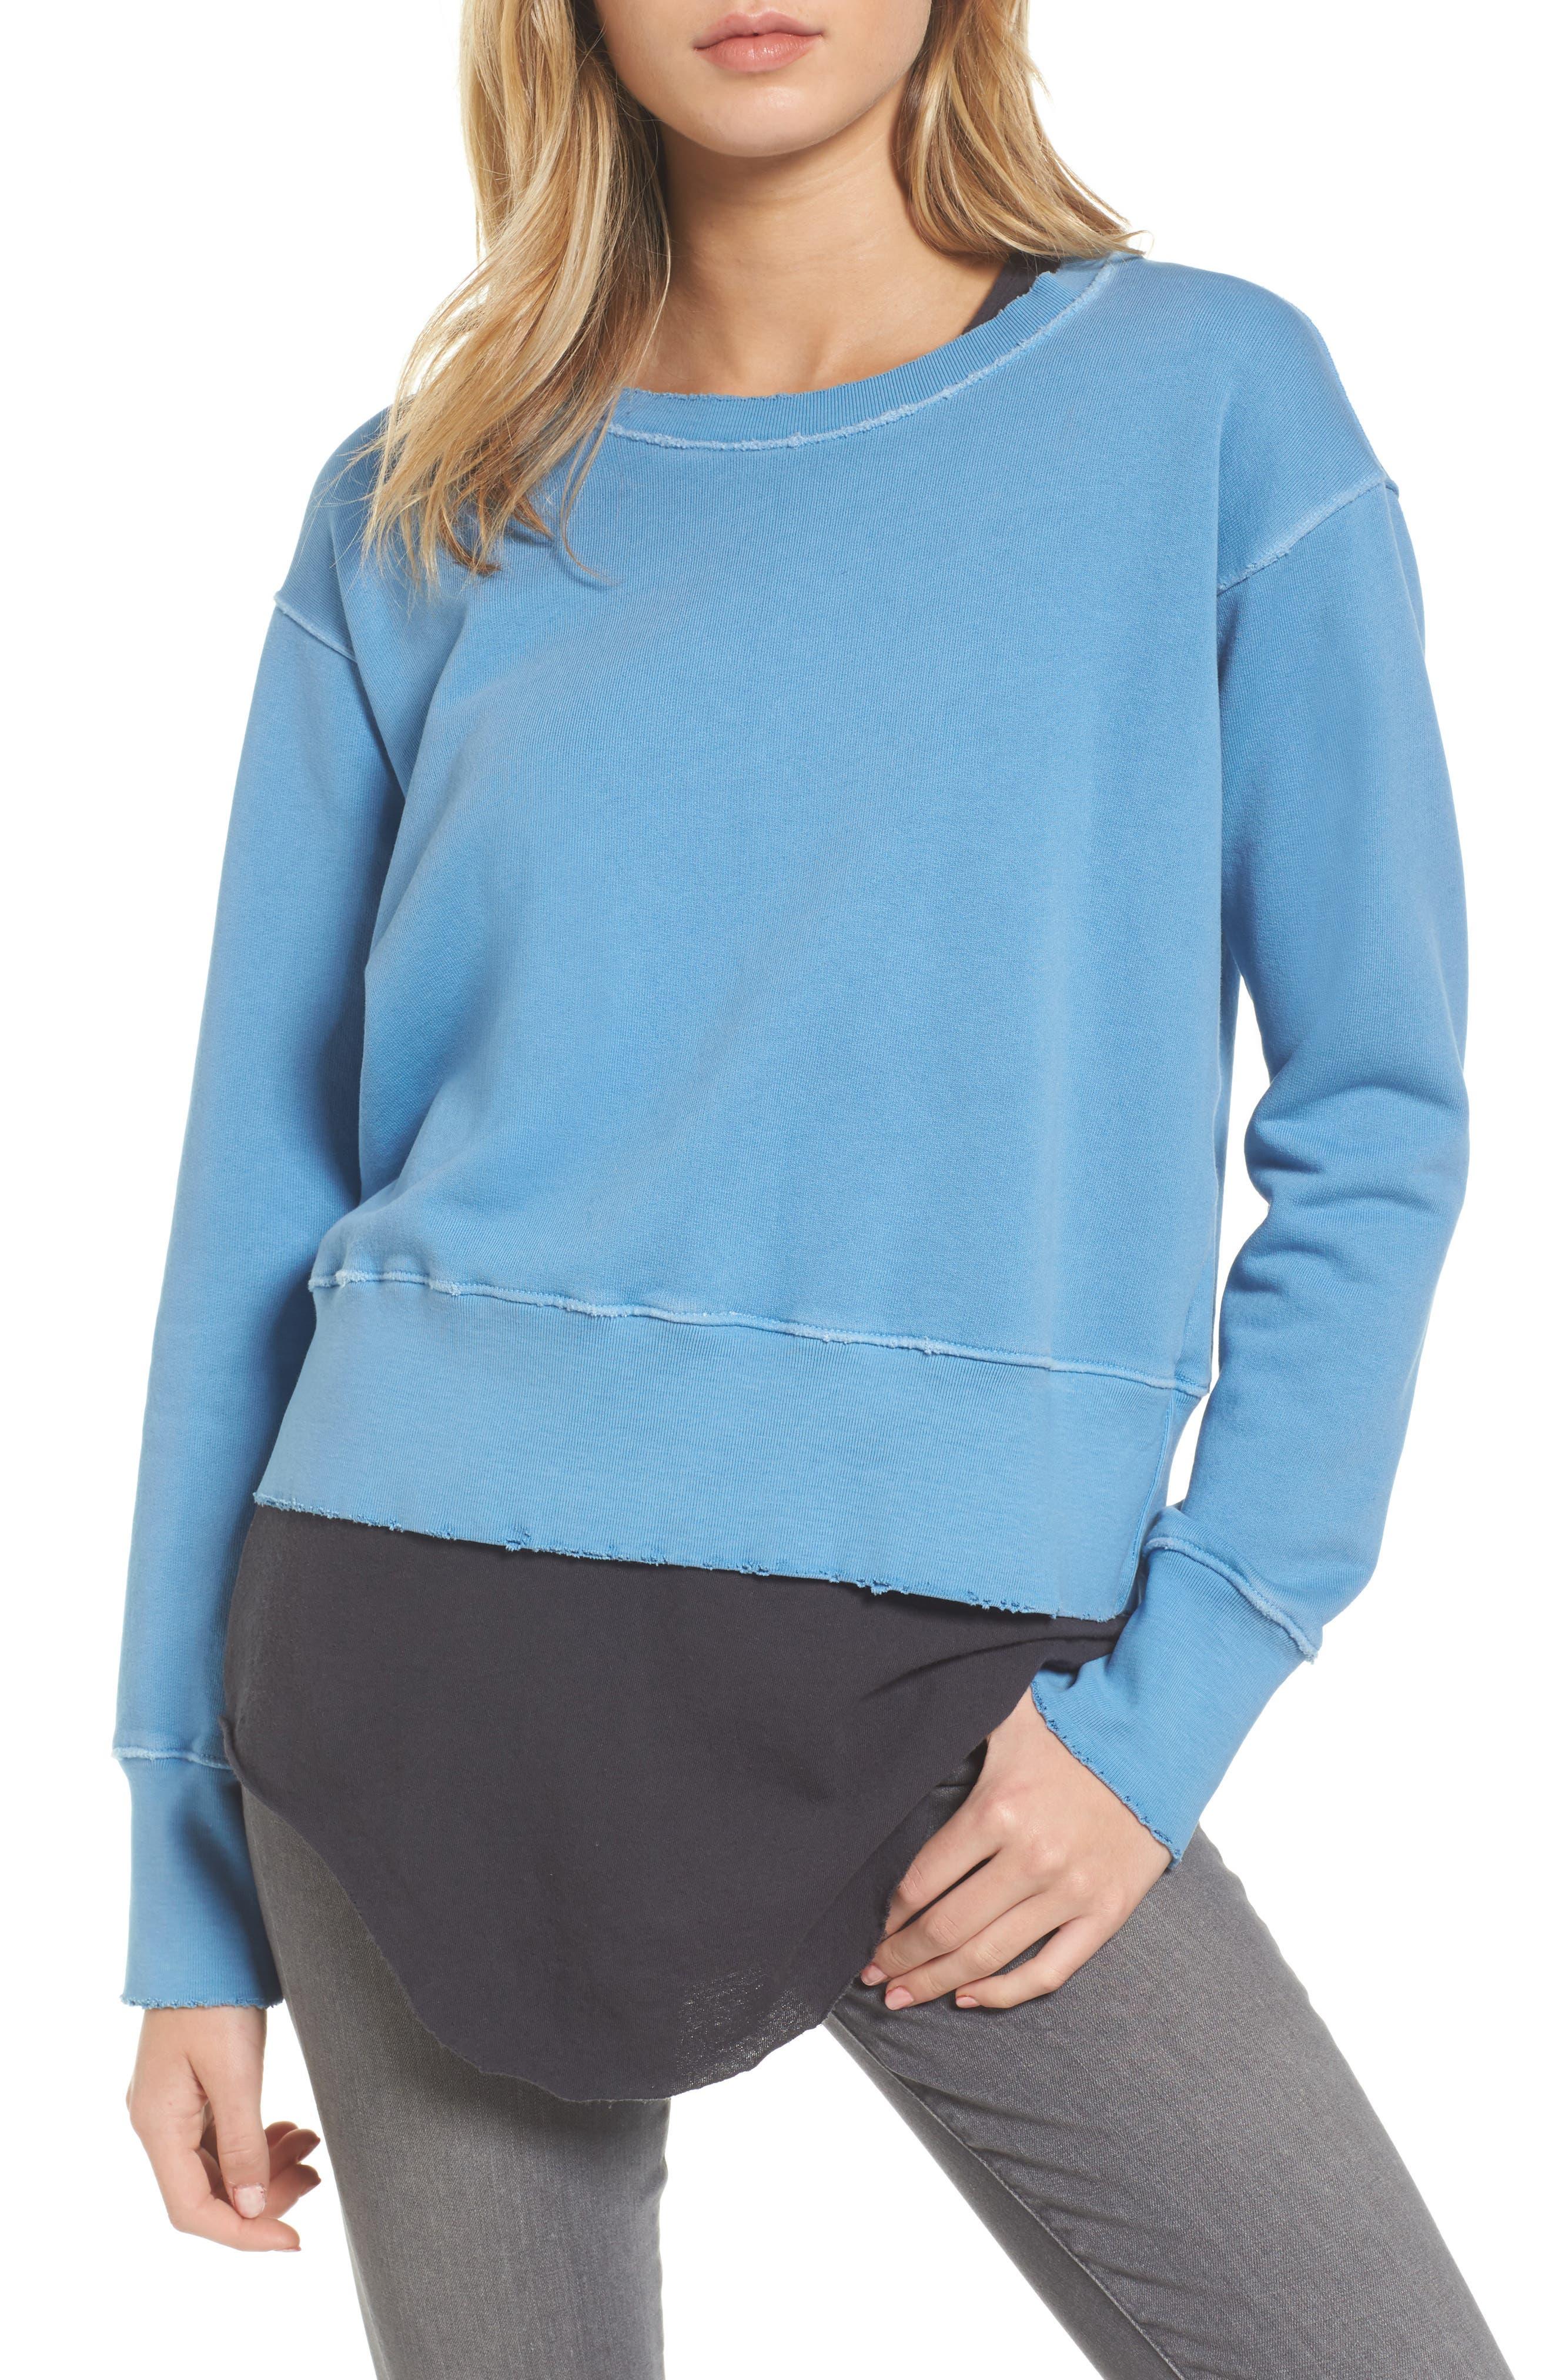 Main Image - Frank & Eileen Tee Lab Sweatshirt